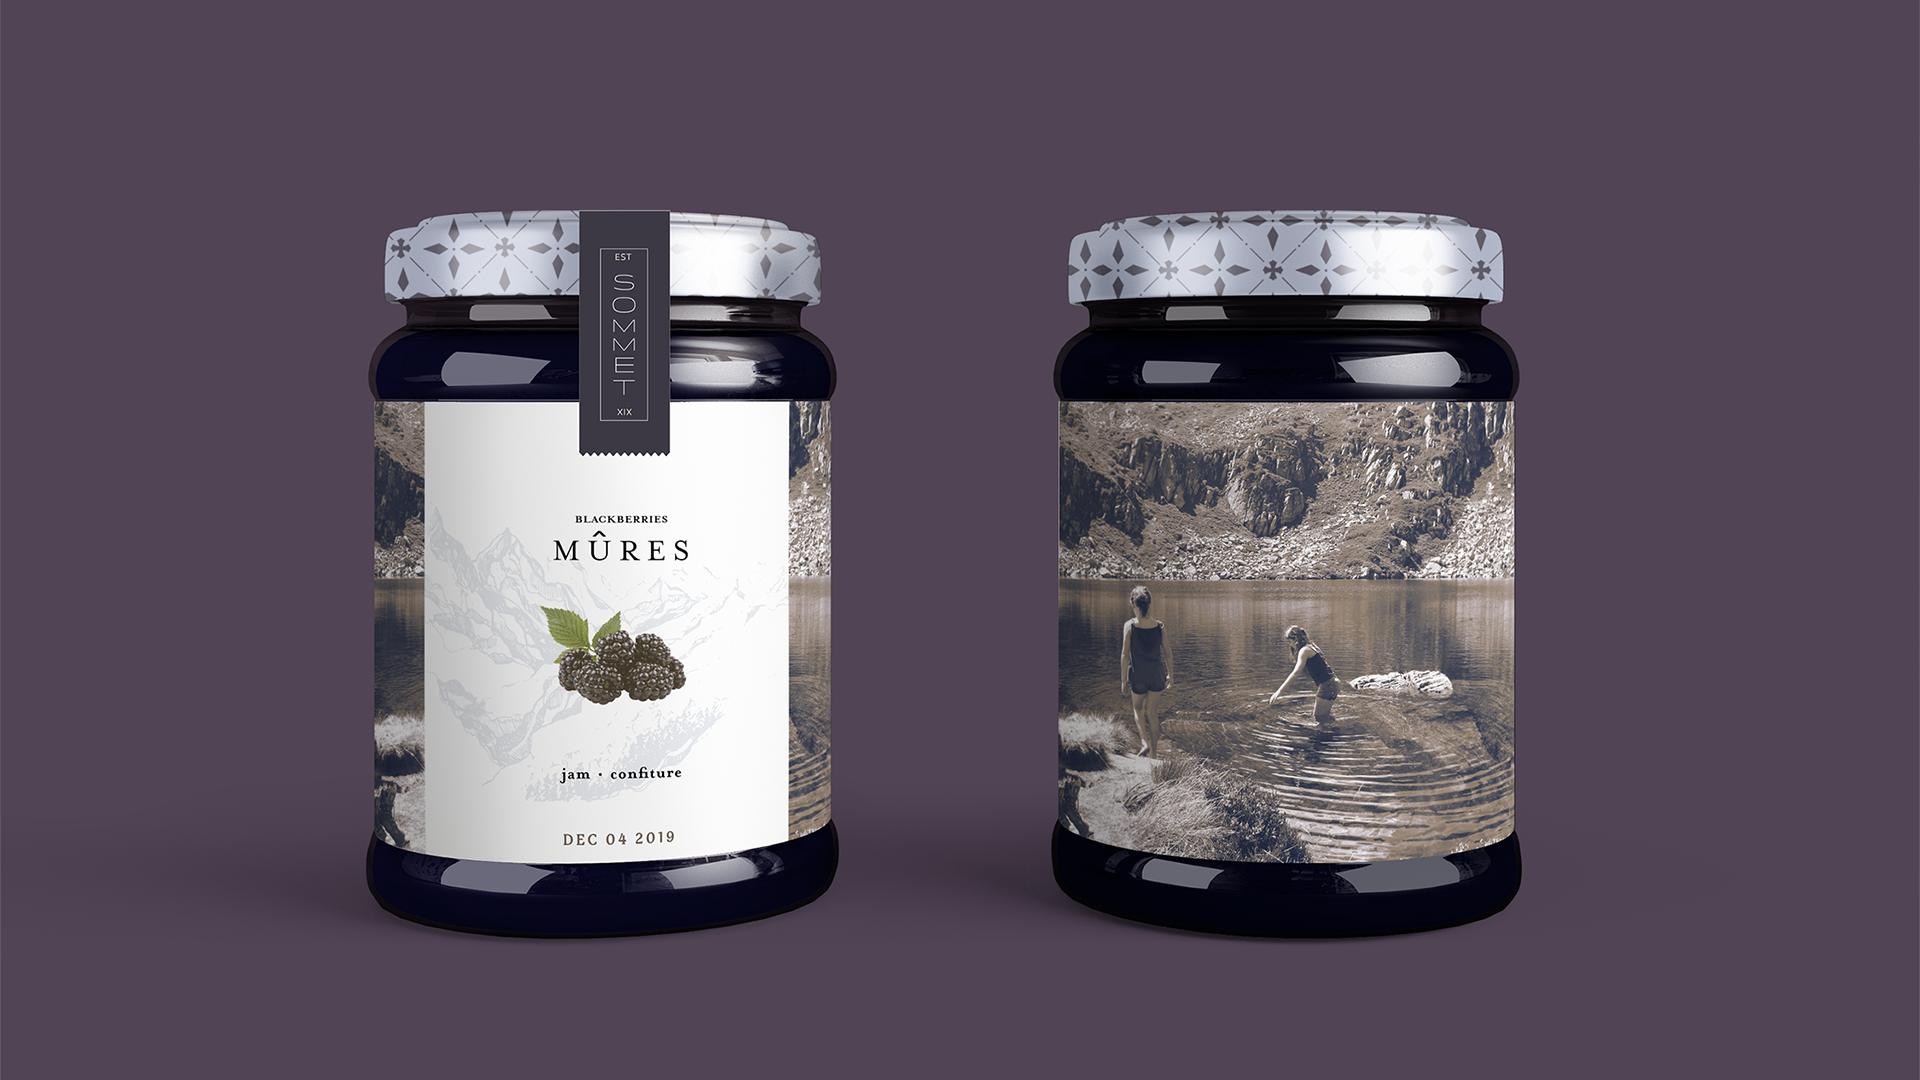 mures-1